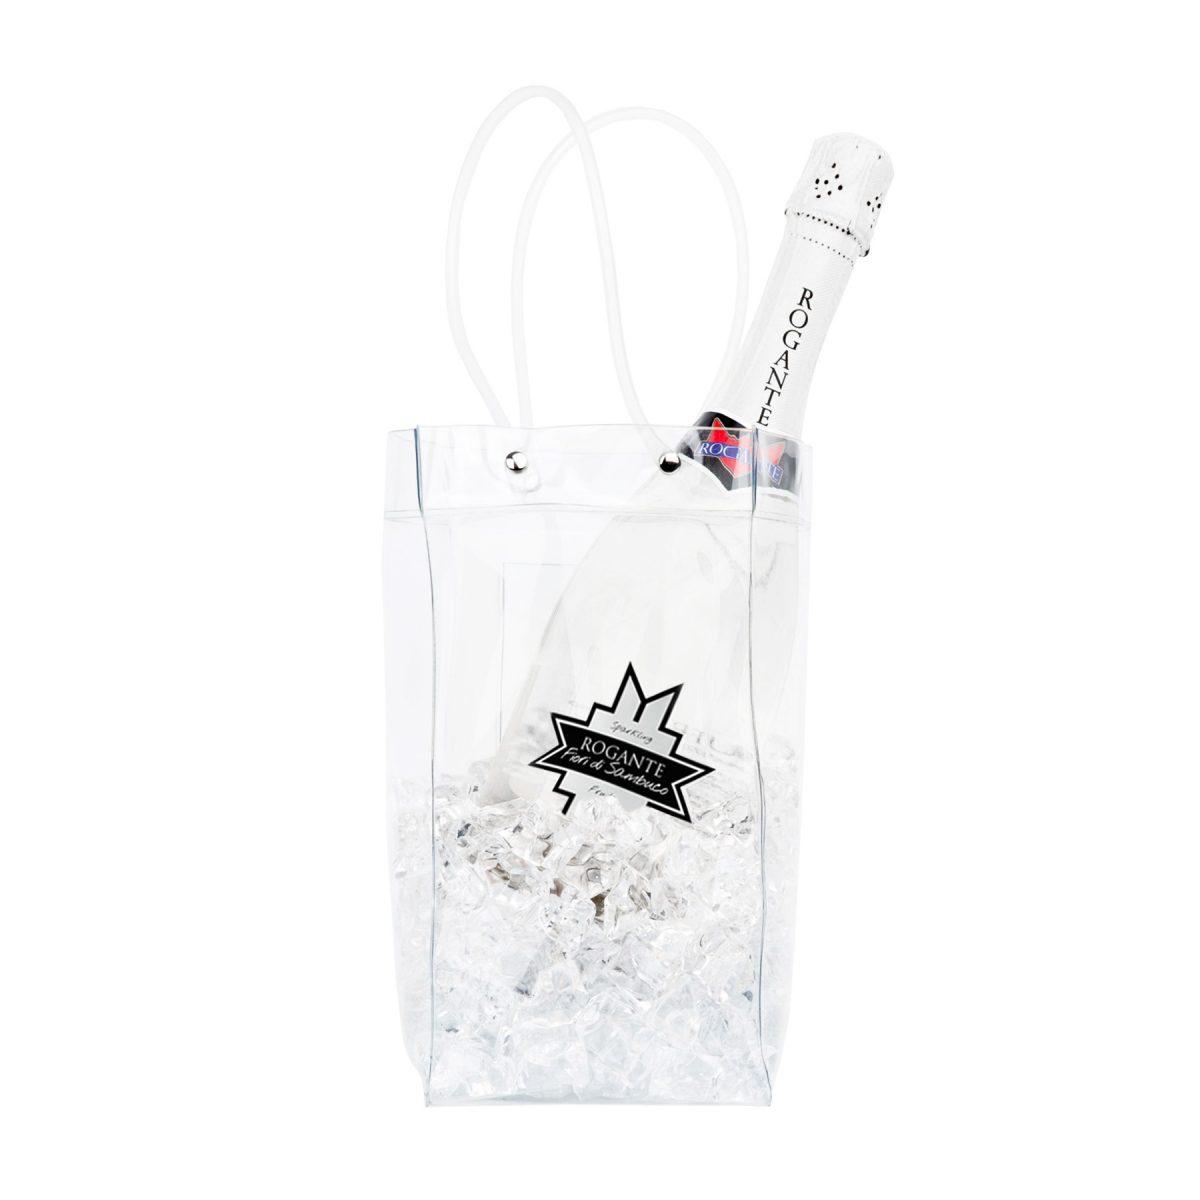 Promo Ice Bag Rogante Fiori di Sambuco